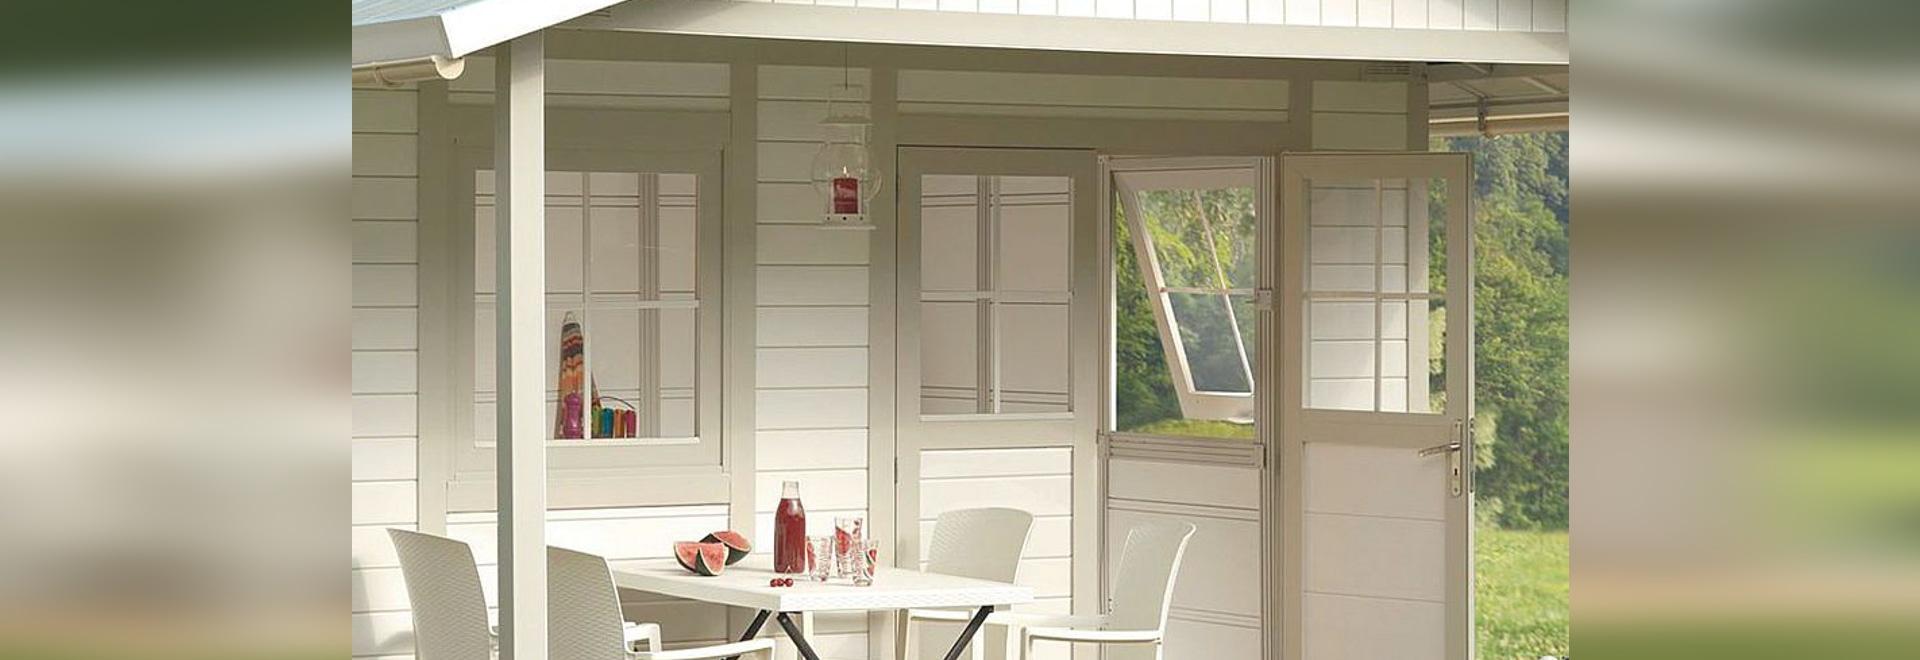 Nouveauté : abri de jardin en bois par grosfillex   grosfillex ...